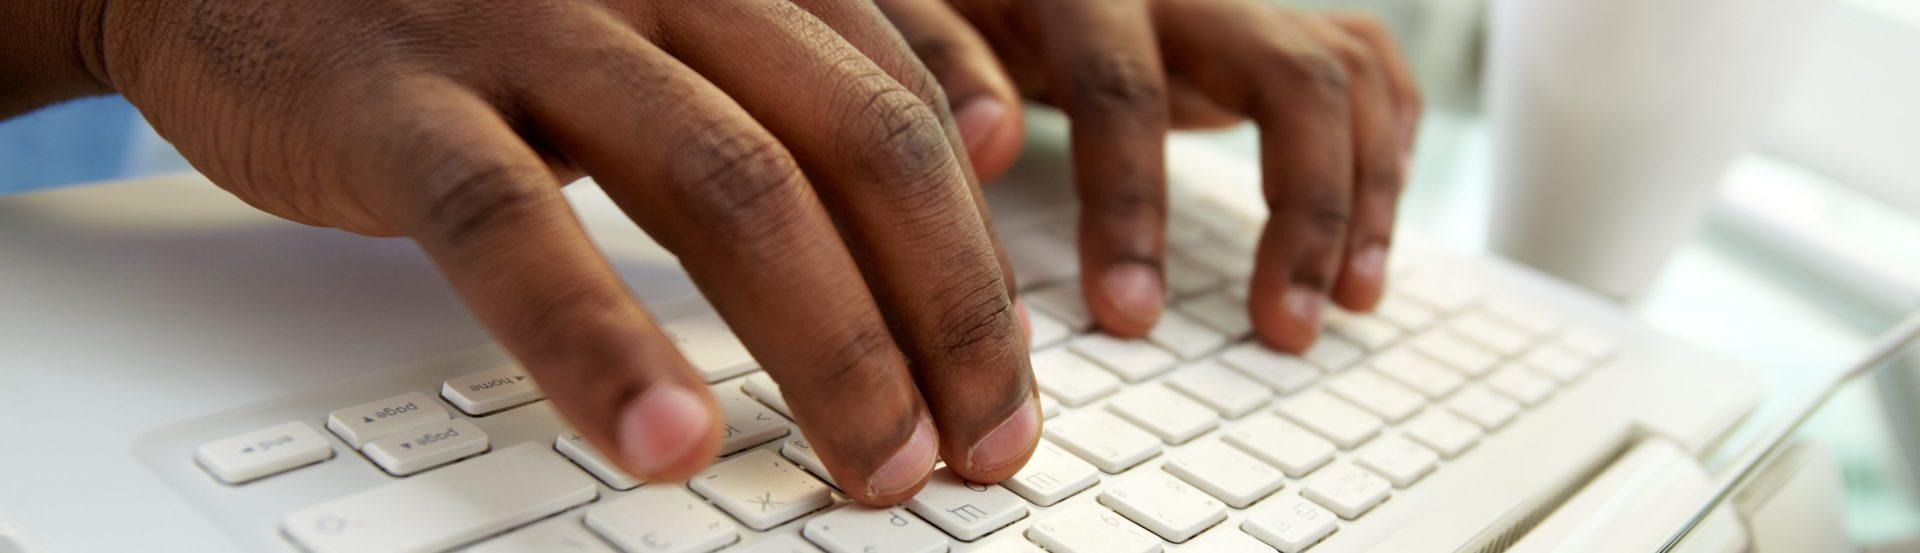 Entretien avec Douglas Mbiandou, fondateur de 10.000 codeurs